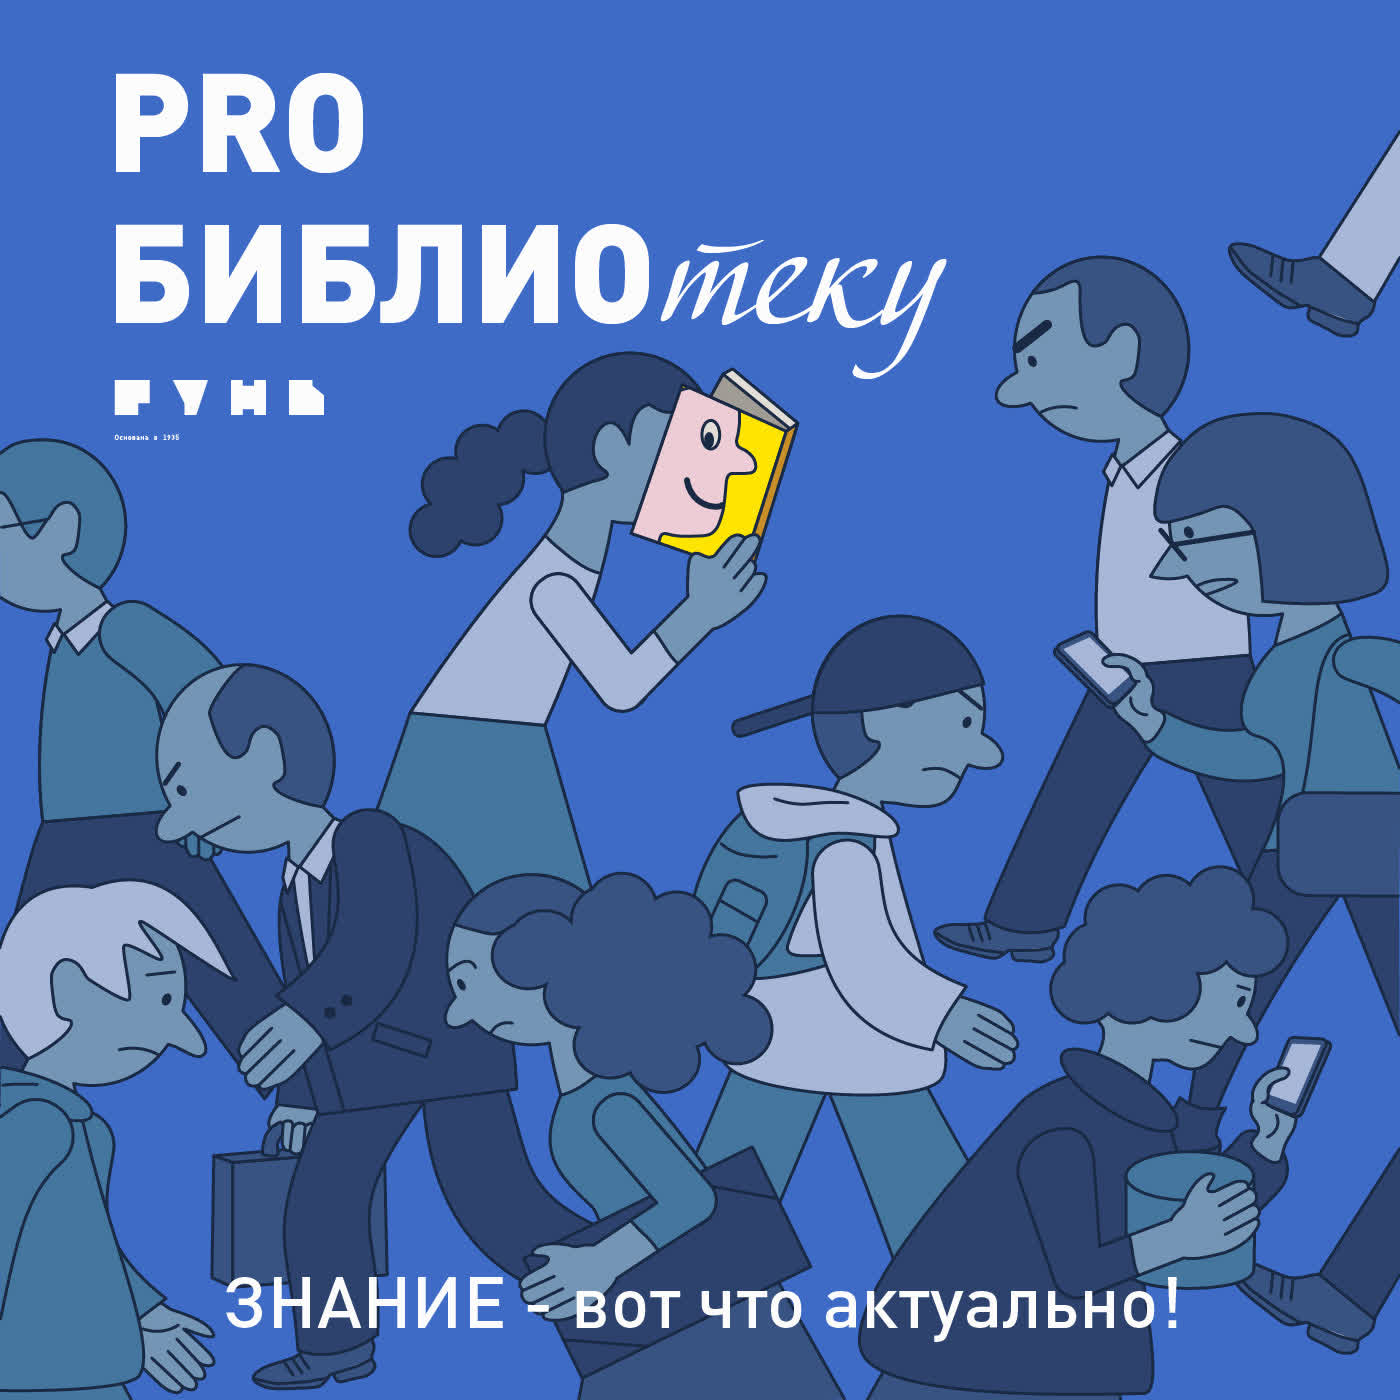 PRO.Библиотеку #2 - Пушкинский